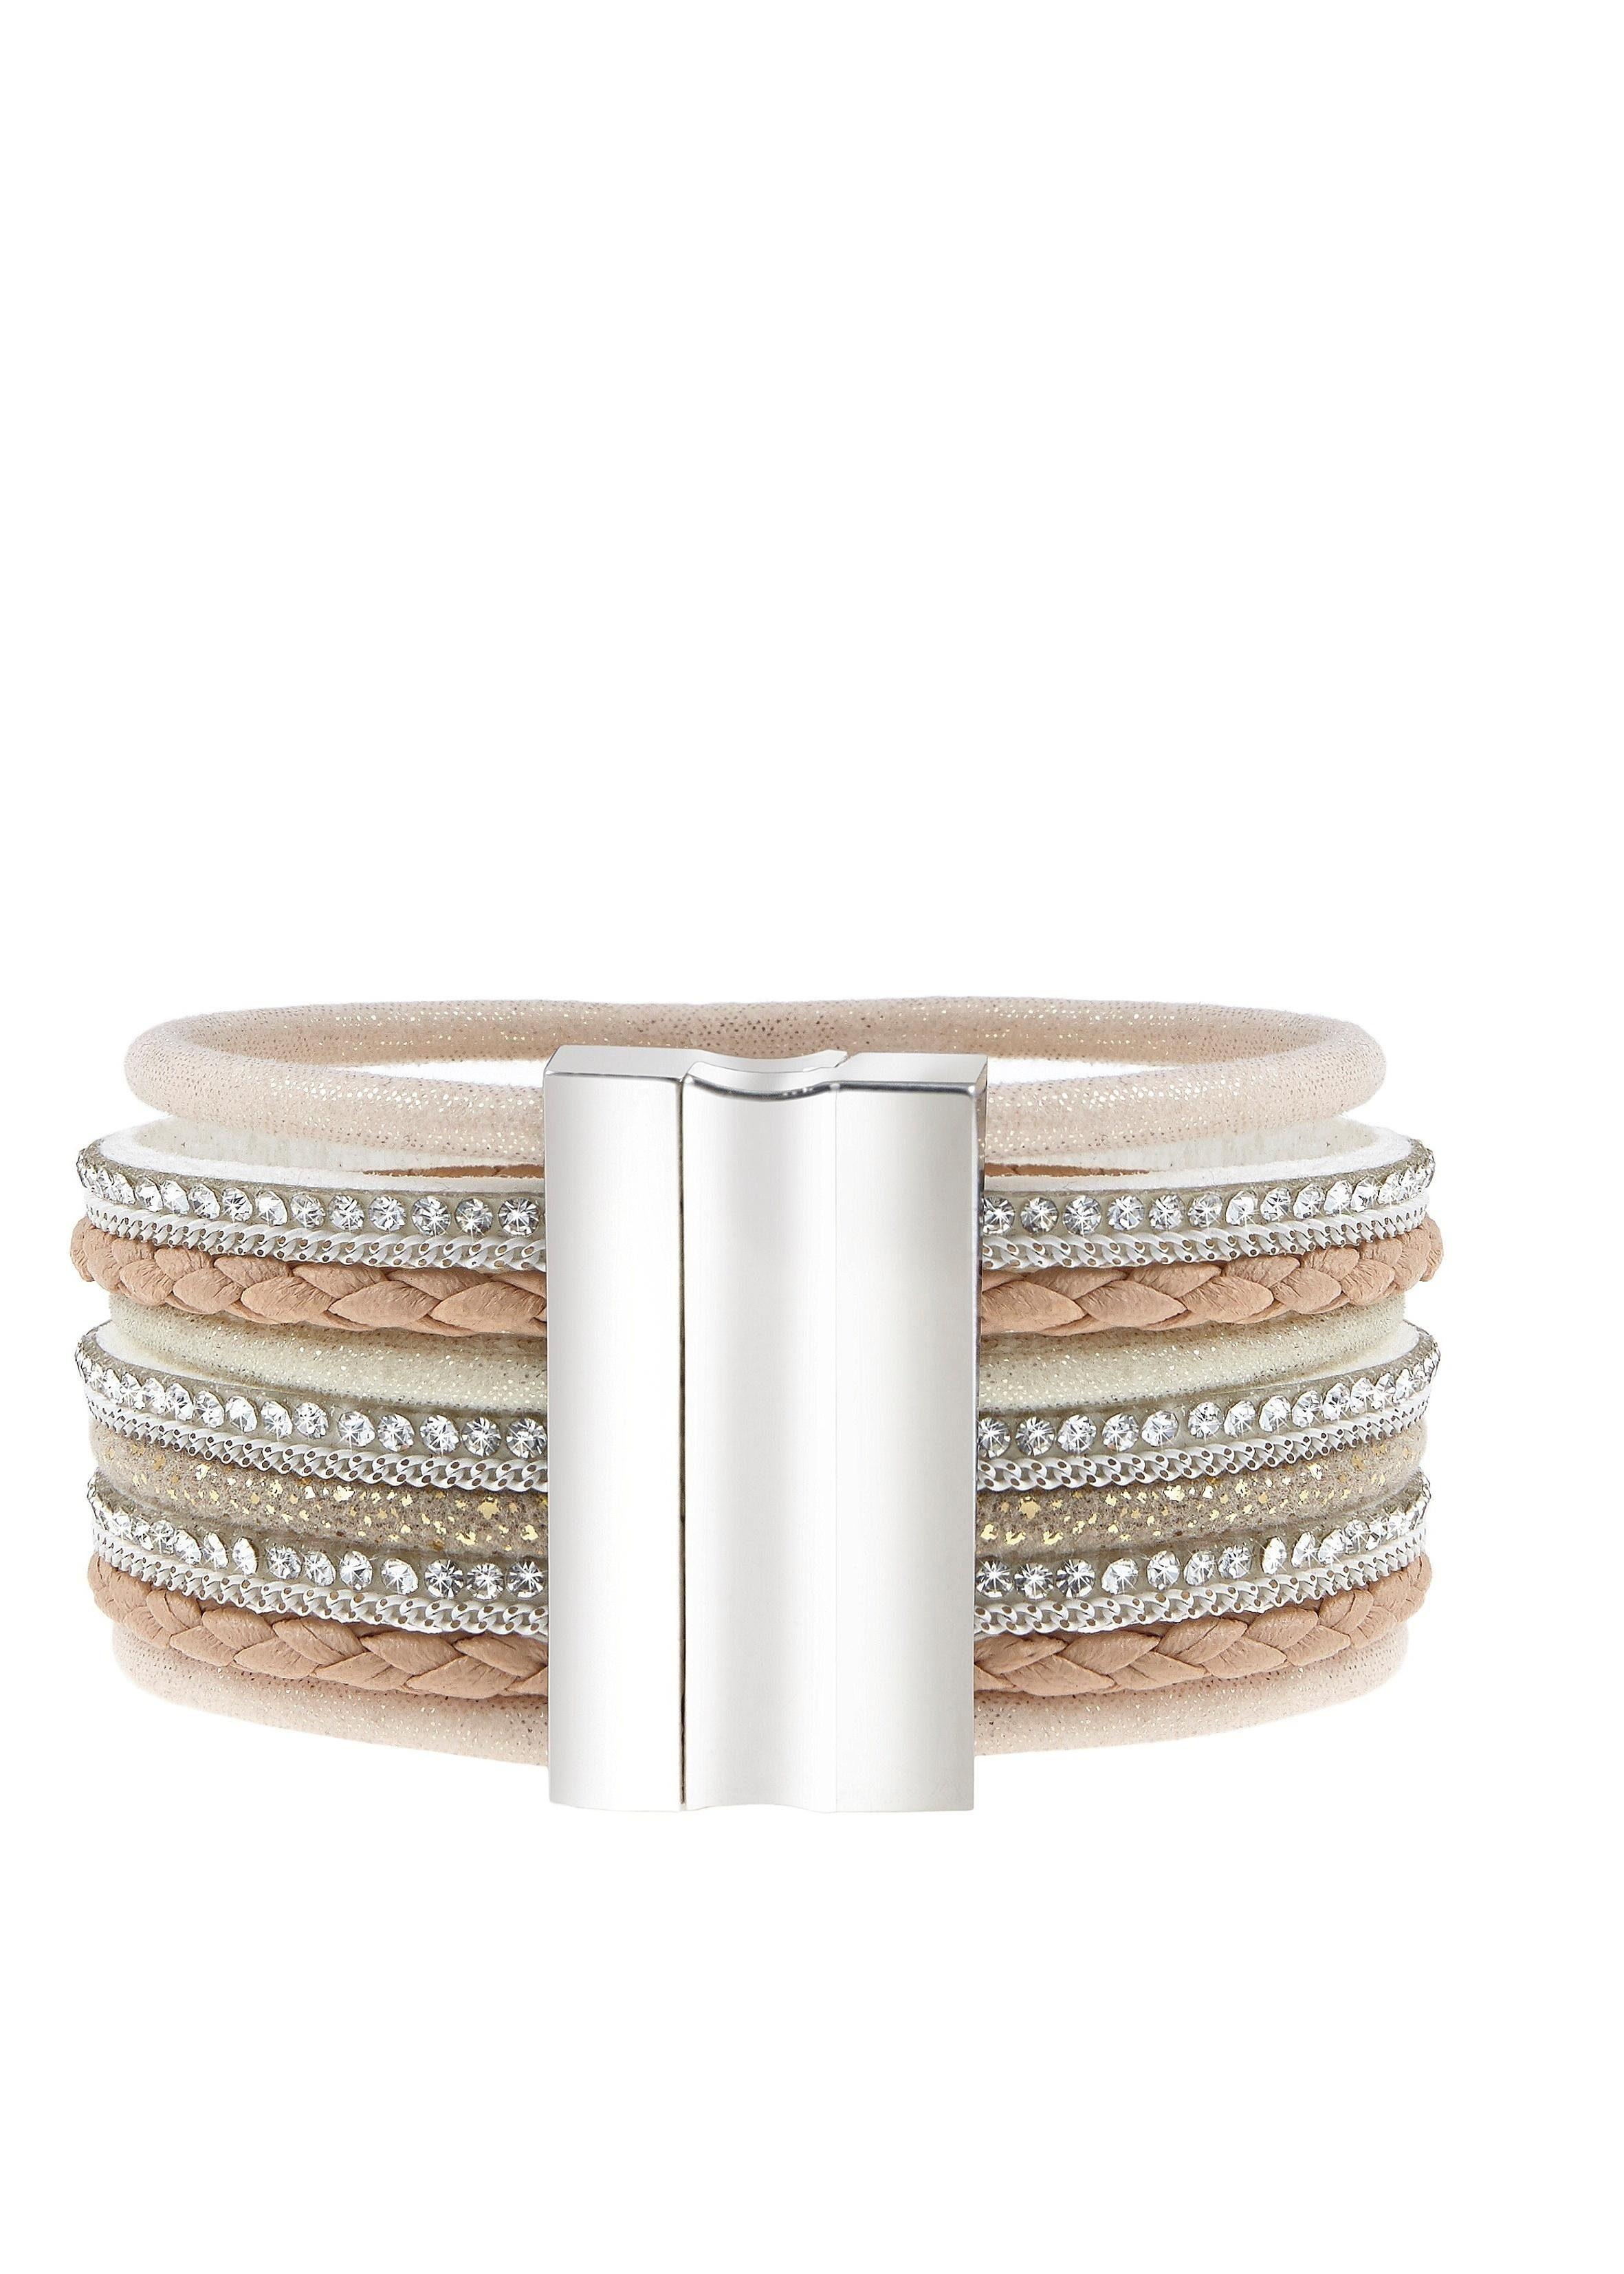 Meerrijige Lascana Lascana Kopen Meerrijige Online Lascana Kopen Armband Armband Online 8NOmn0wv